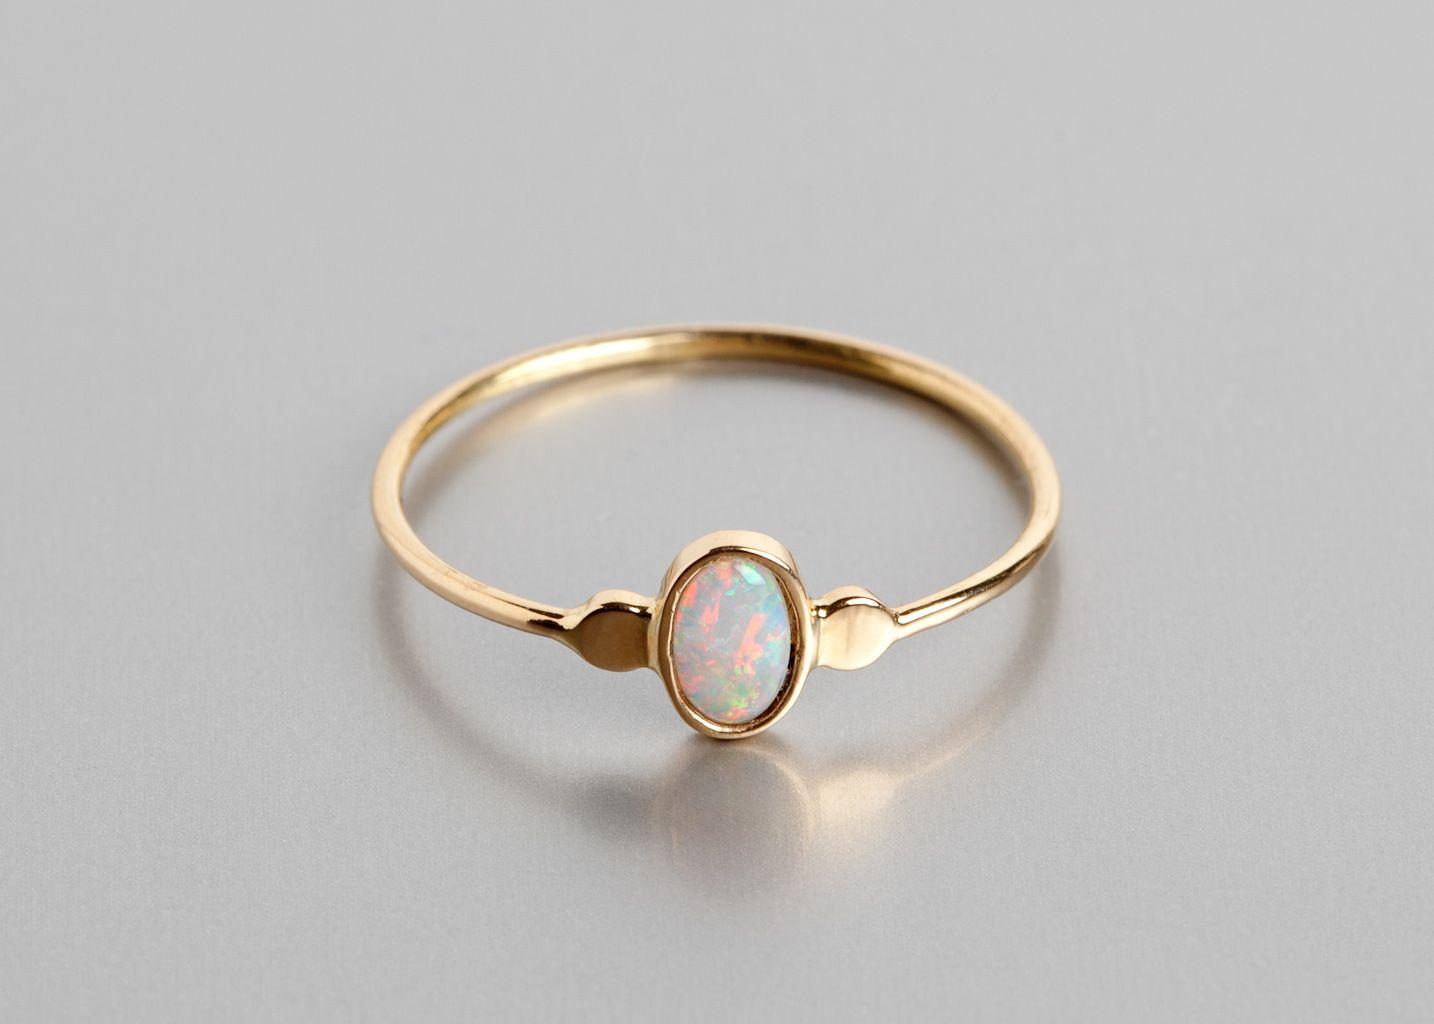 Bague marque opale